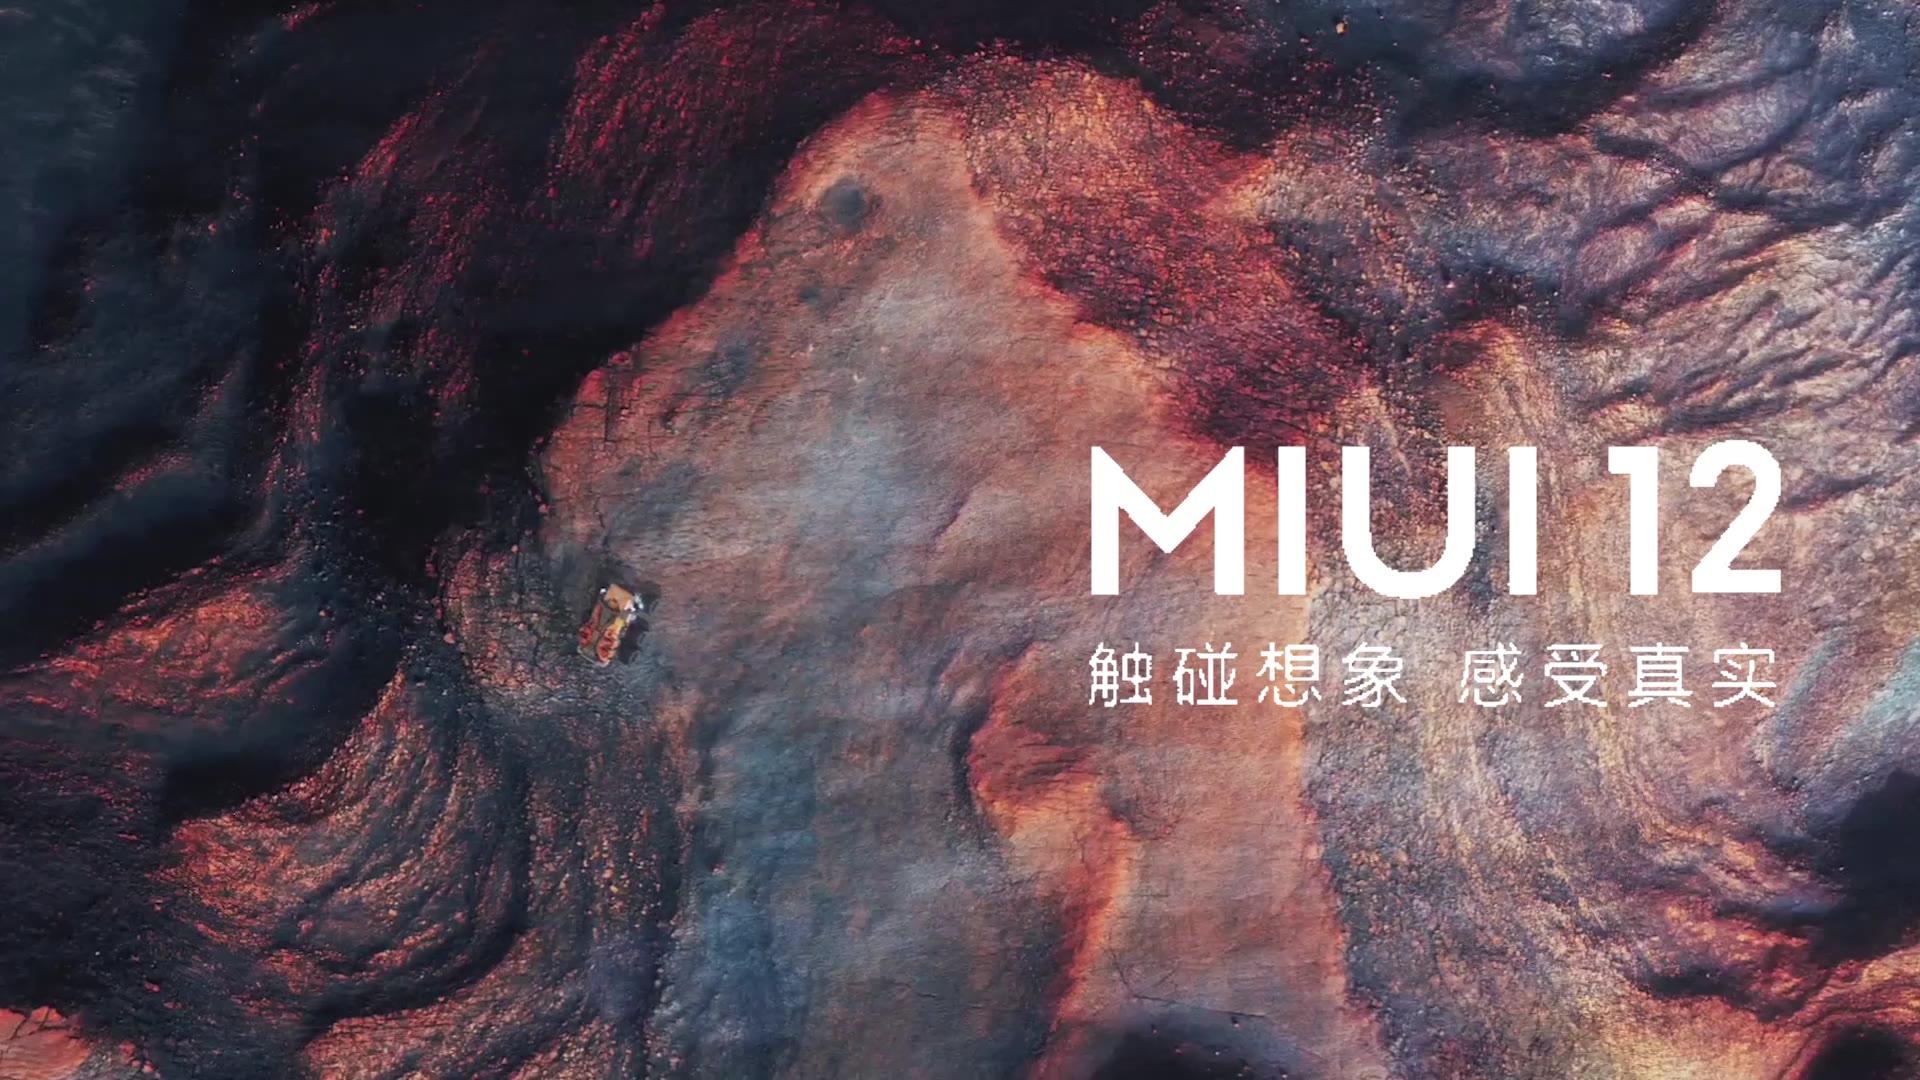 【MIUI12】超越IOS的系统,真的那么神吗?(附安装教程)